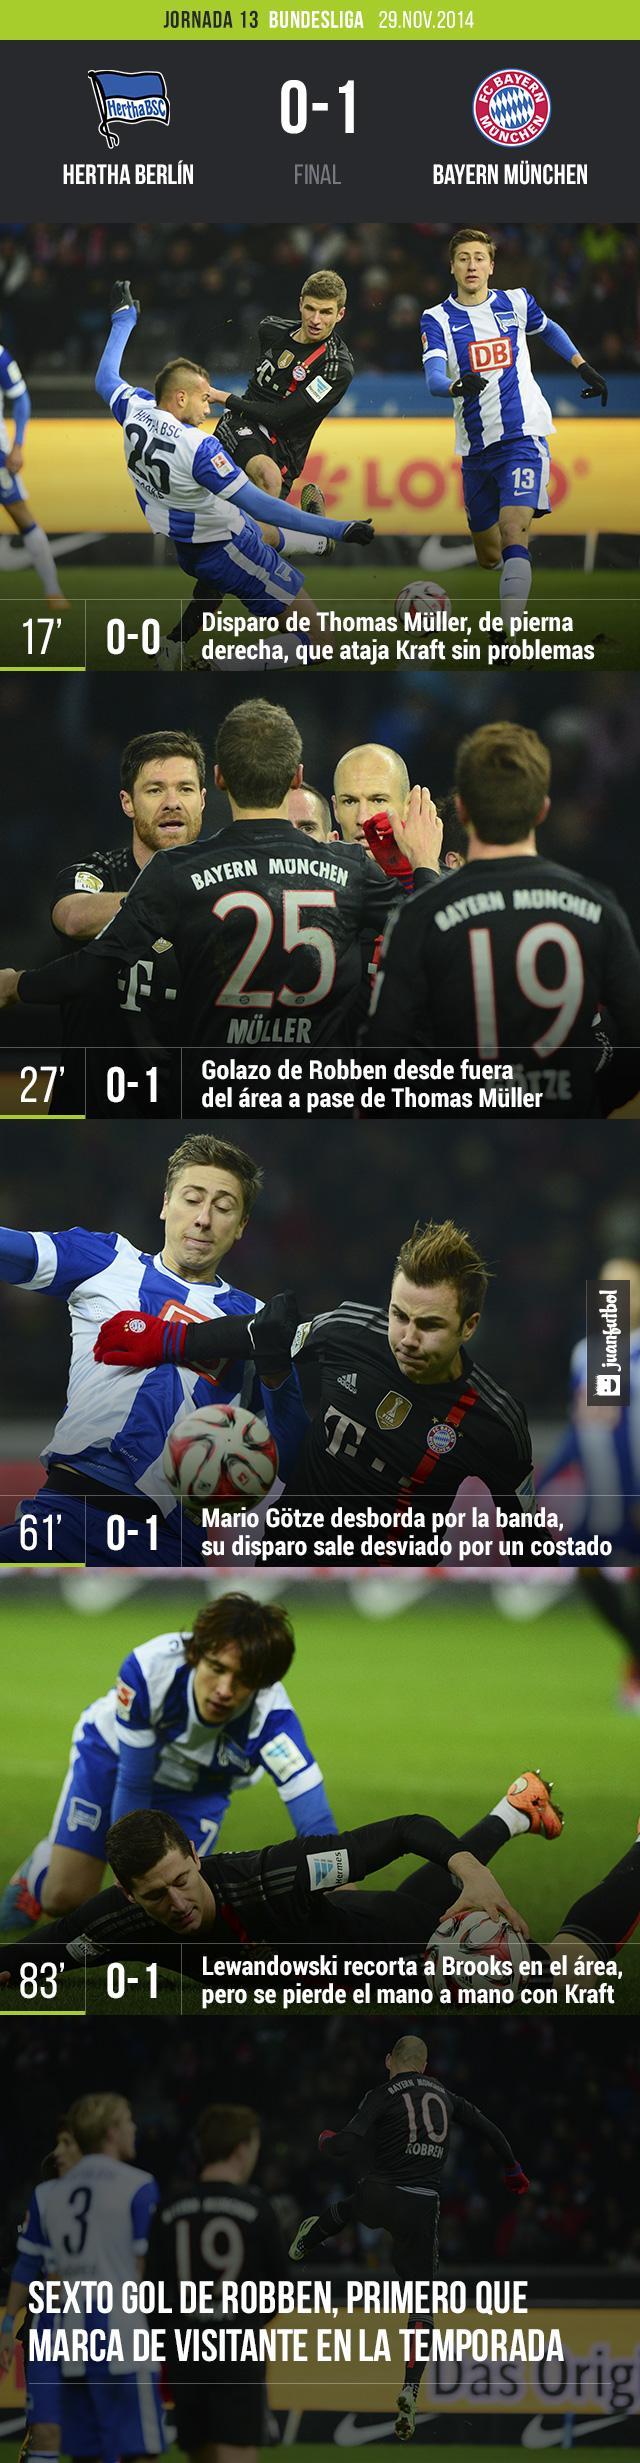 El Bayern München se llevó el partido de Berlín con un golazo de Robben, el primero que hace el holandés de visita en esta temporada